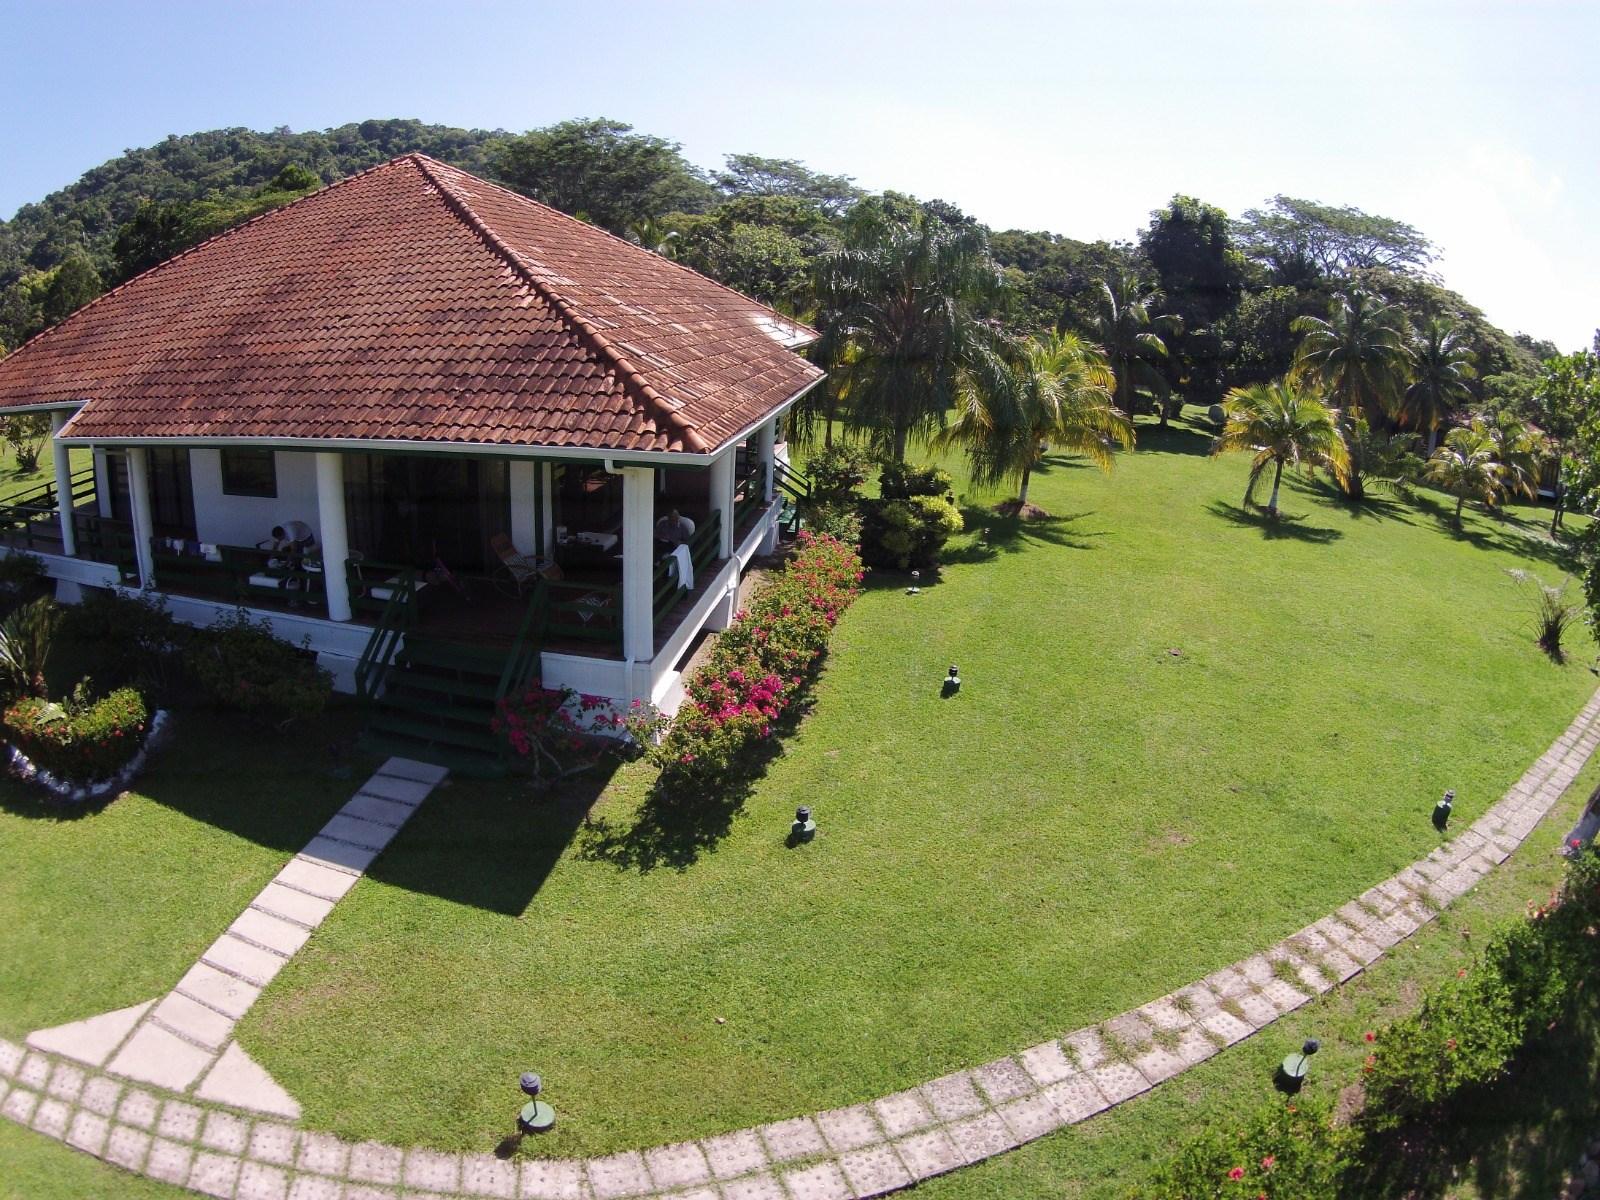 House #1 Big House